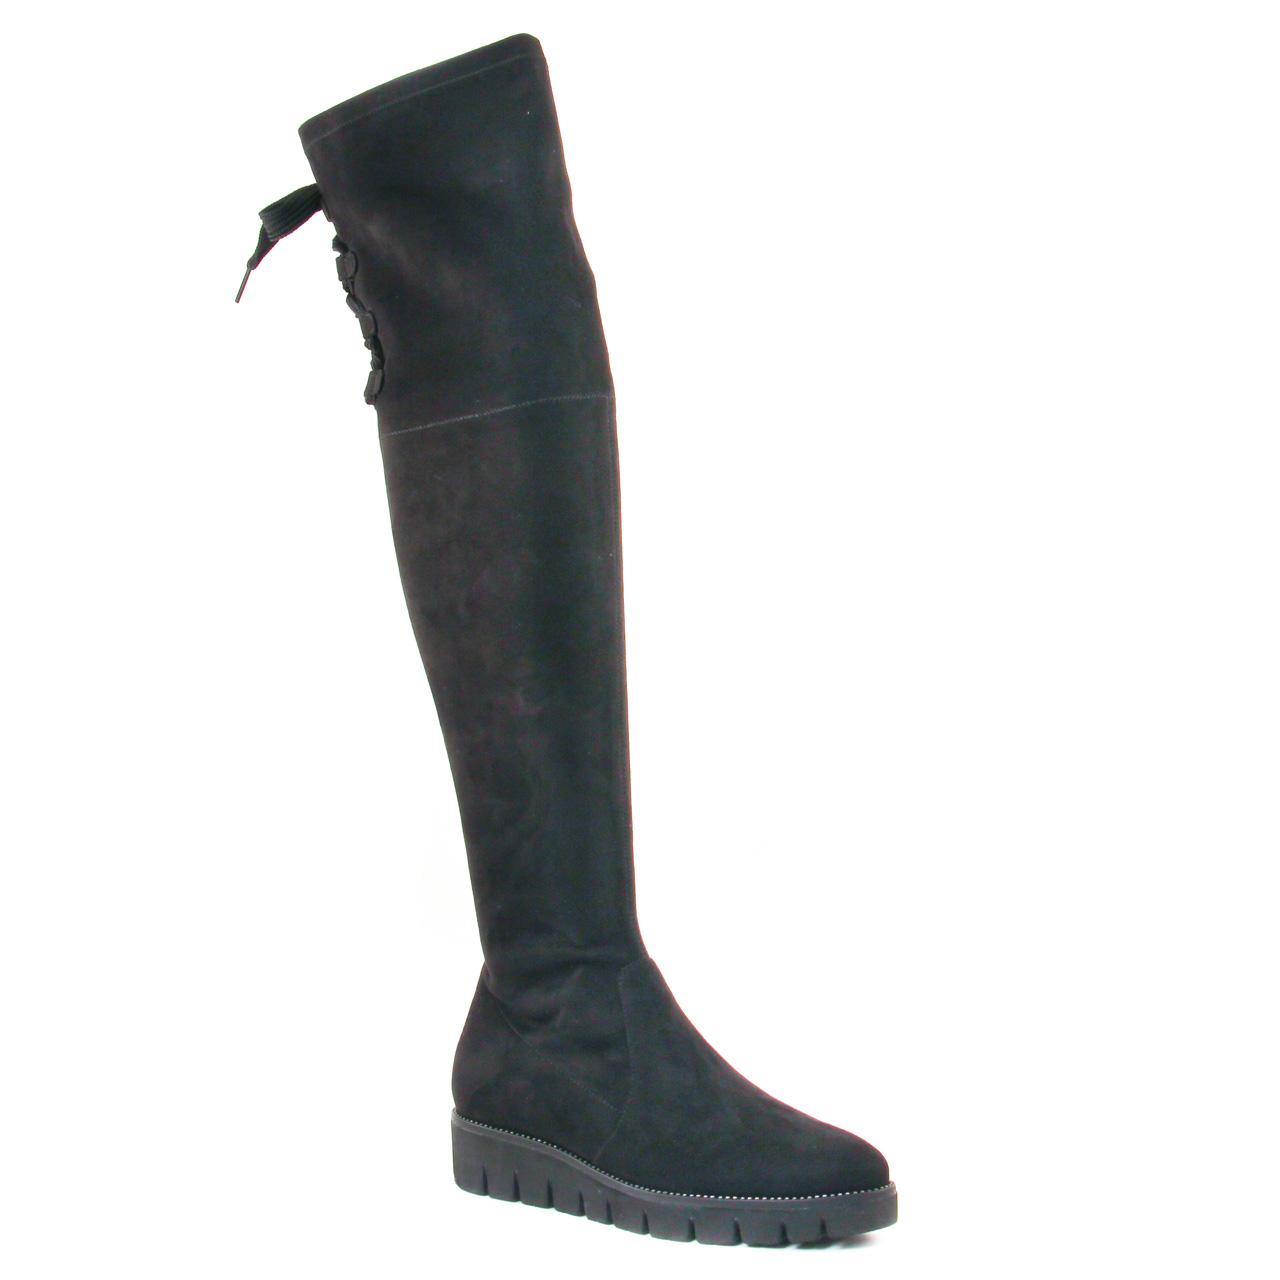 6ef260537fcf5 bottes-cuissardes noir  même style de chaussures en ligne pour femmes que  les Buffalo